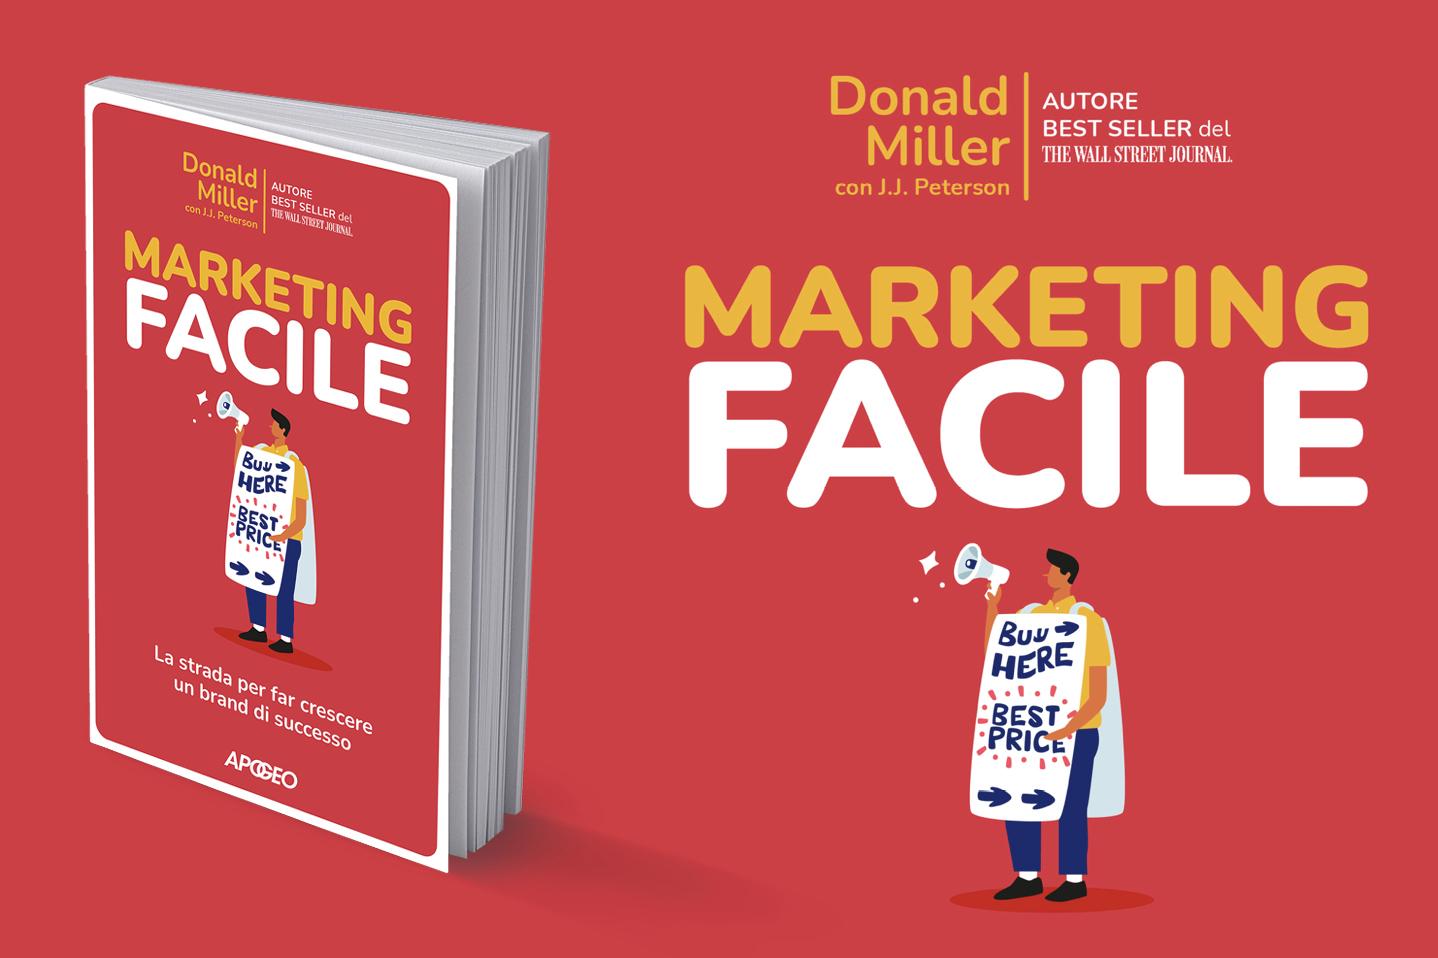 Marketing Facile